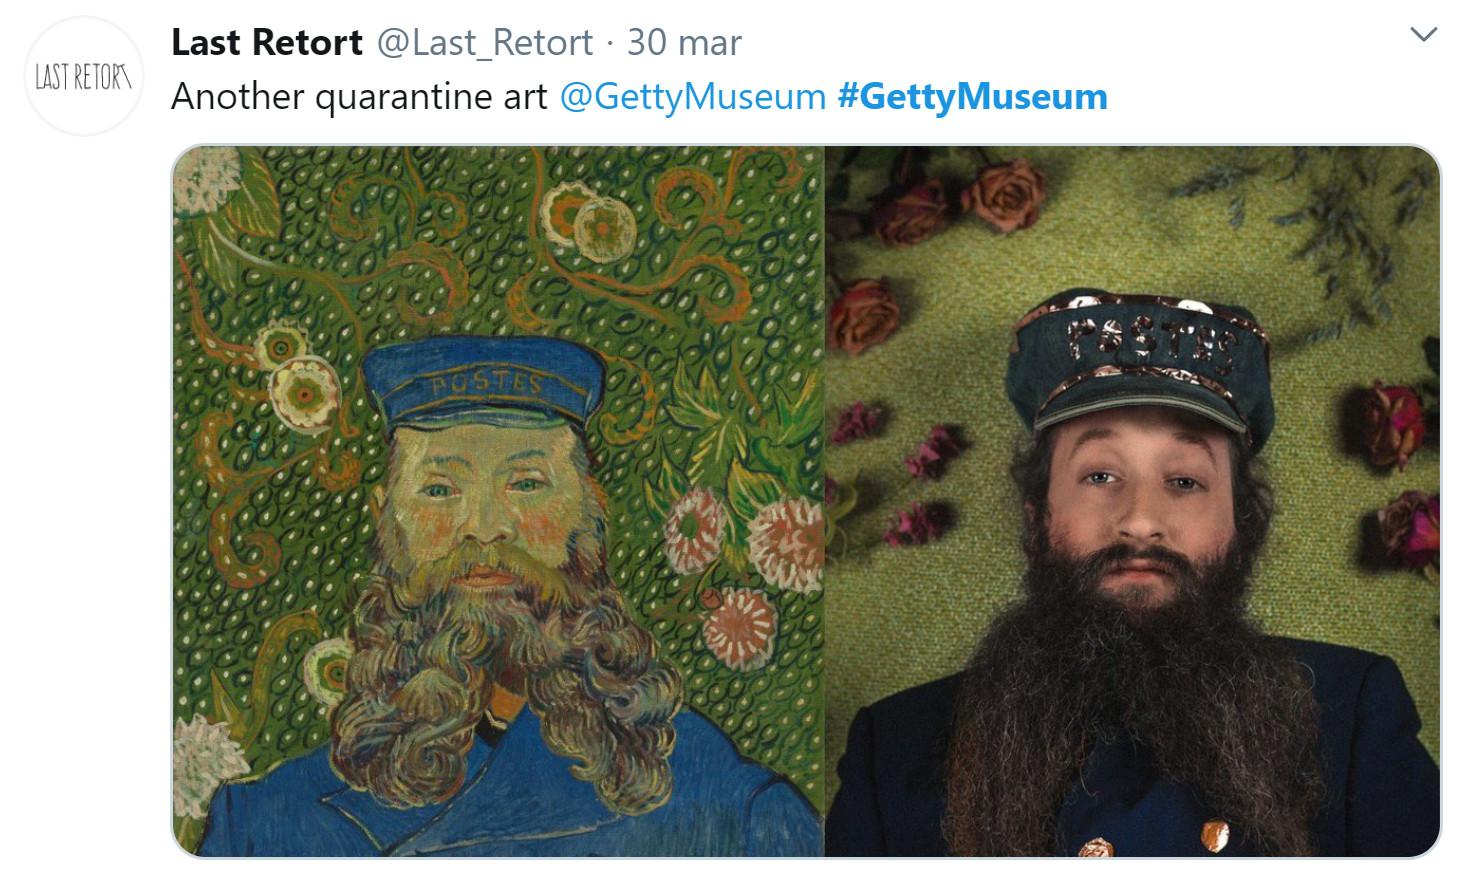 museo getty challenge last retort